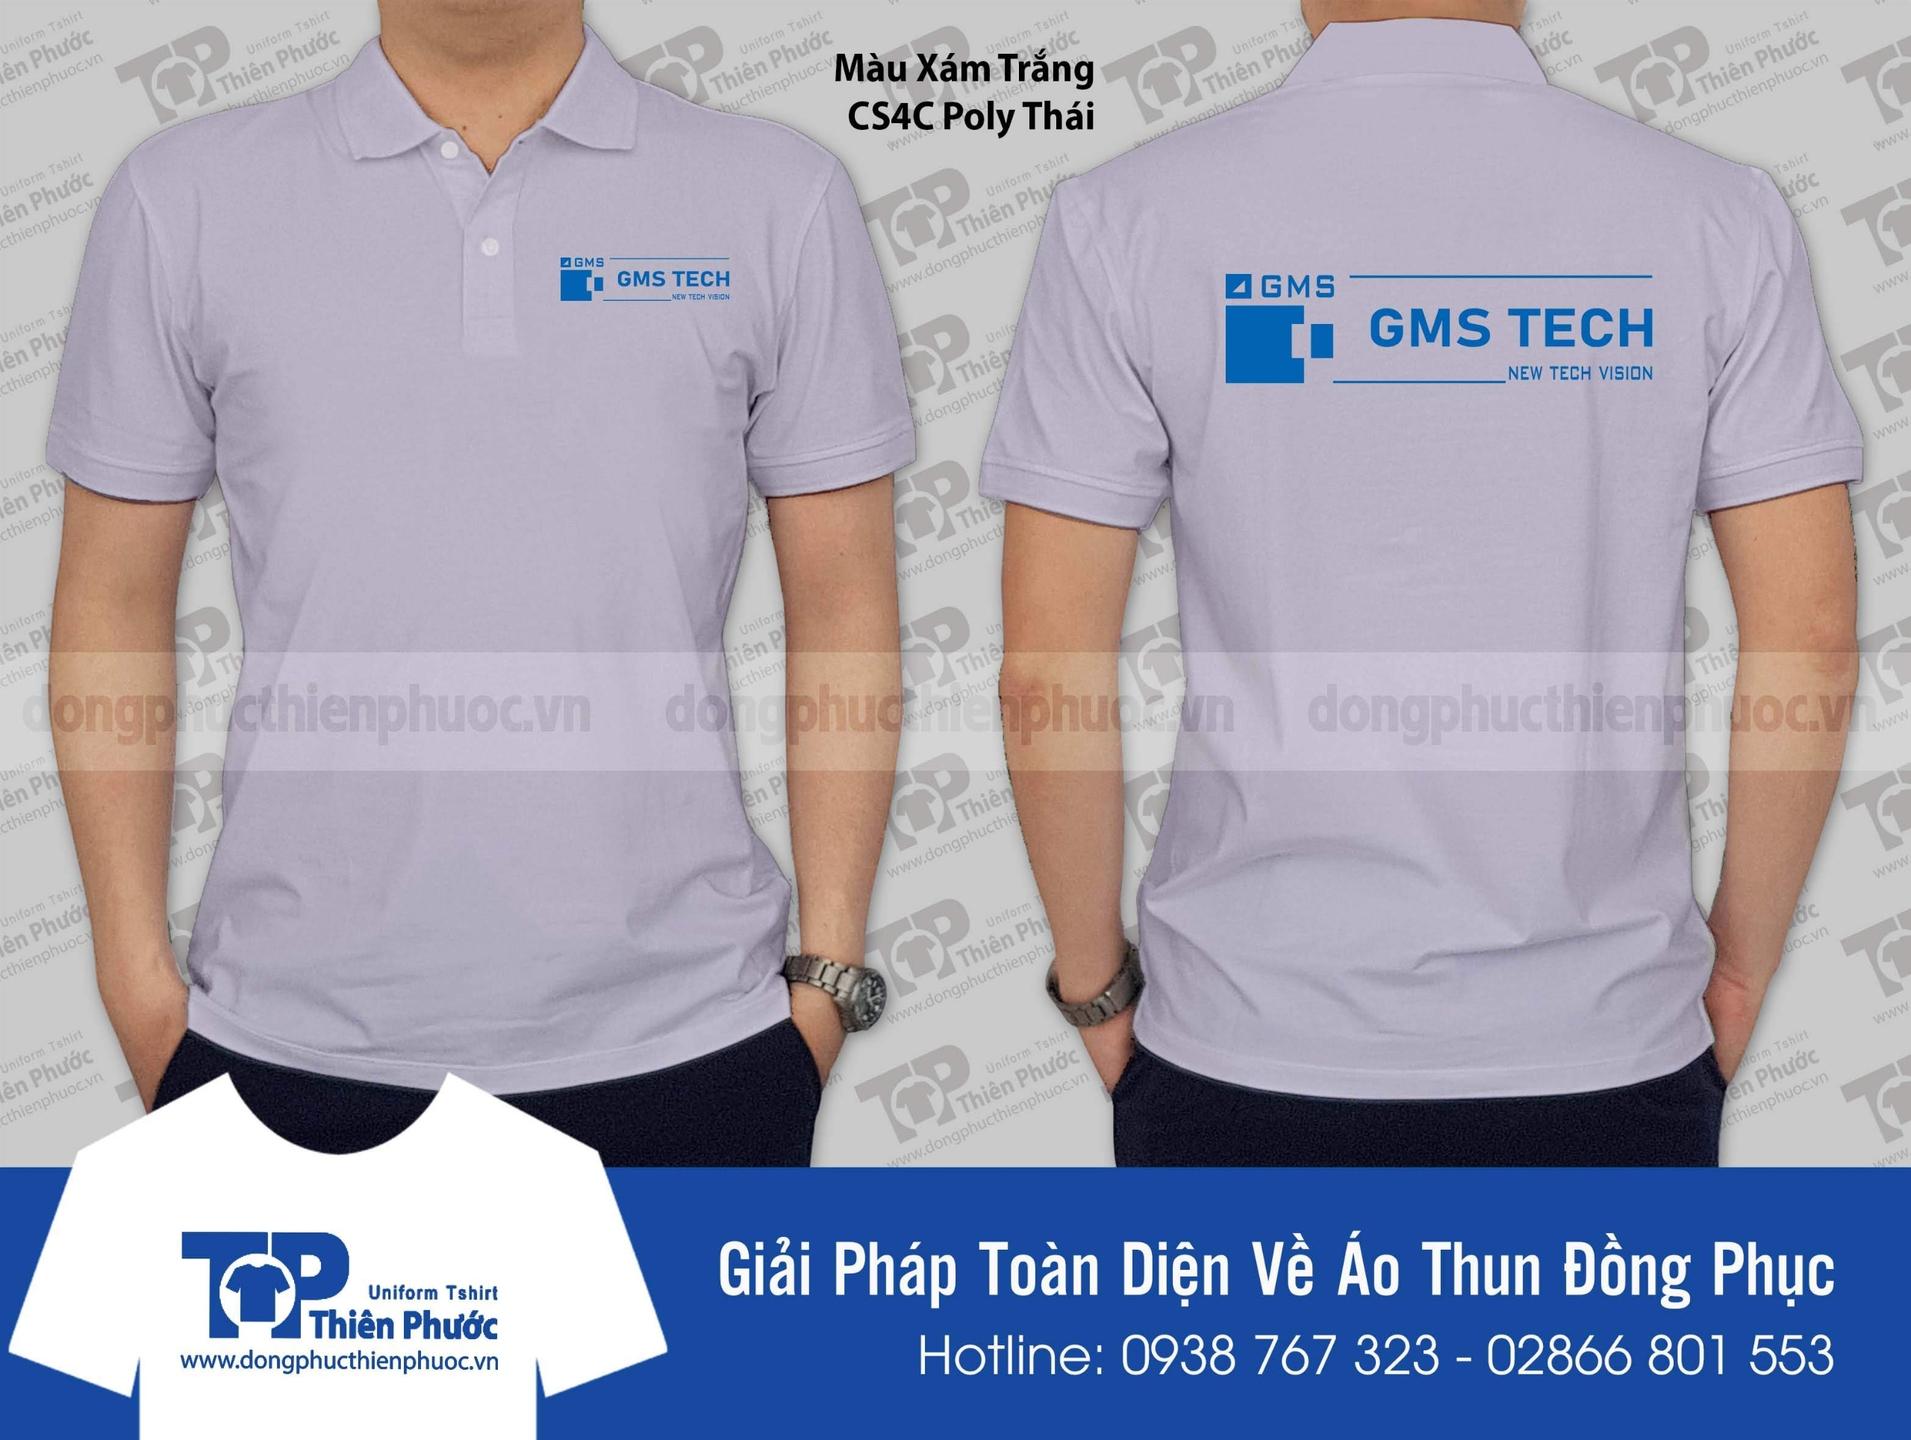 Đồng Phục Thiên Phước (@dongphucthienphuoc) Cover Image